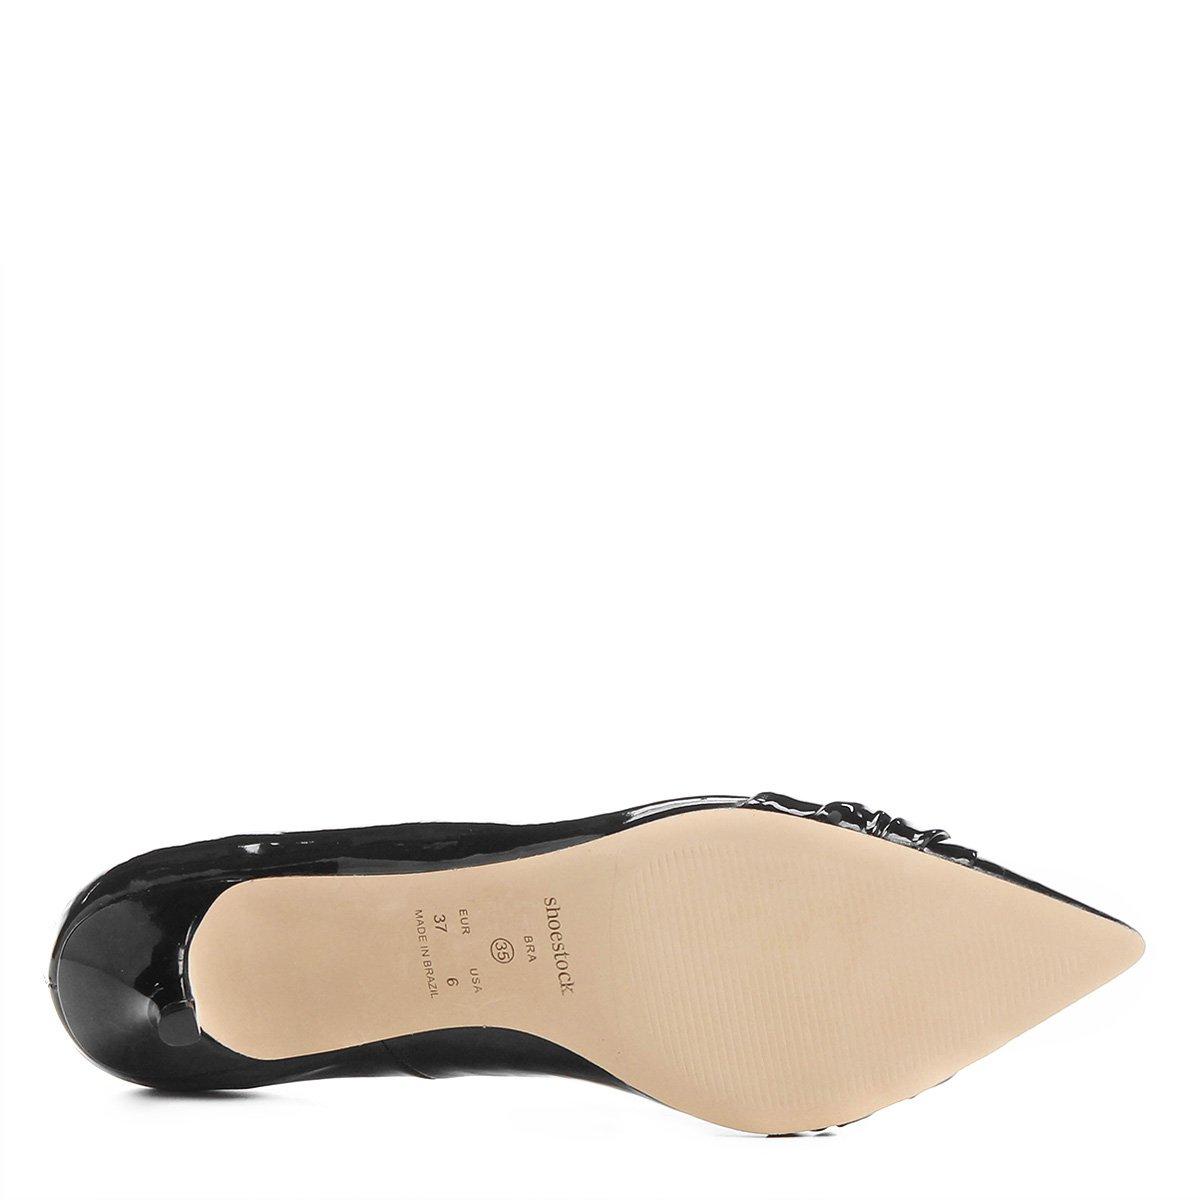 Bico Bico Shoestock Preto Preto Fino Fino Fivela Shoestock Scarpin Bico Fivela Shoestock Scarpin Scarpin IvIwq1xHgC